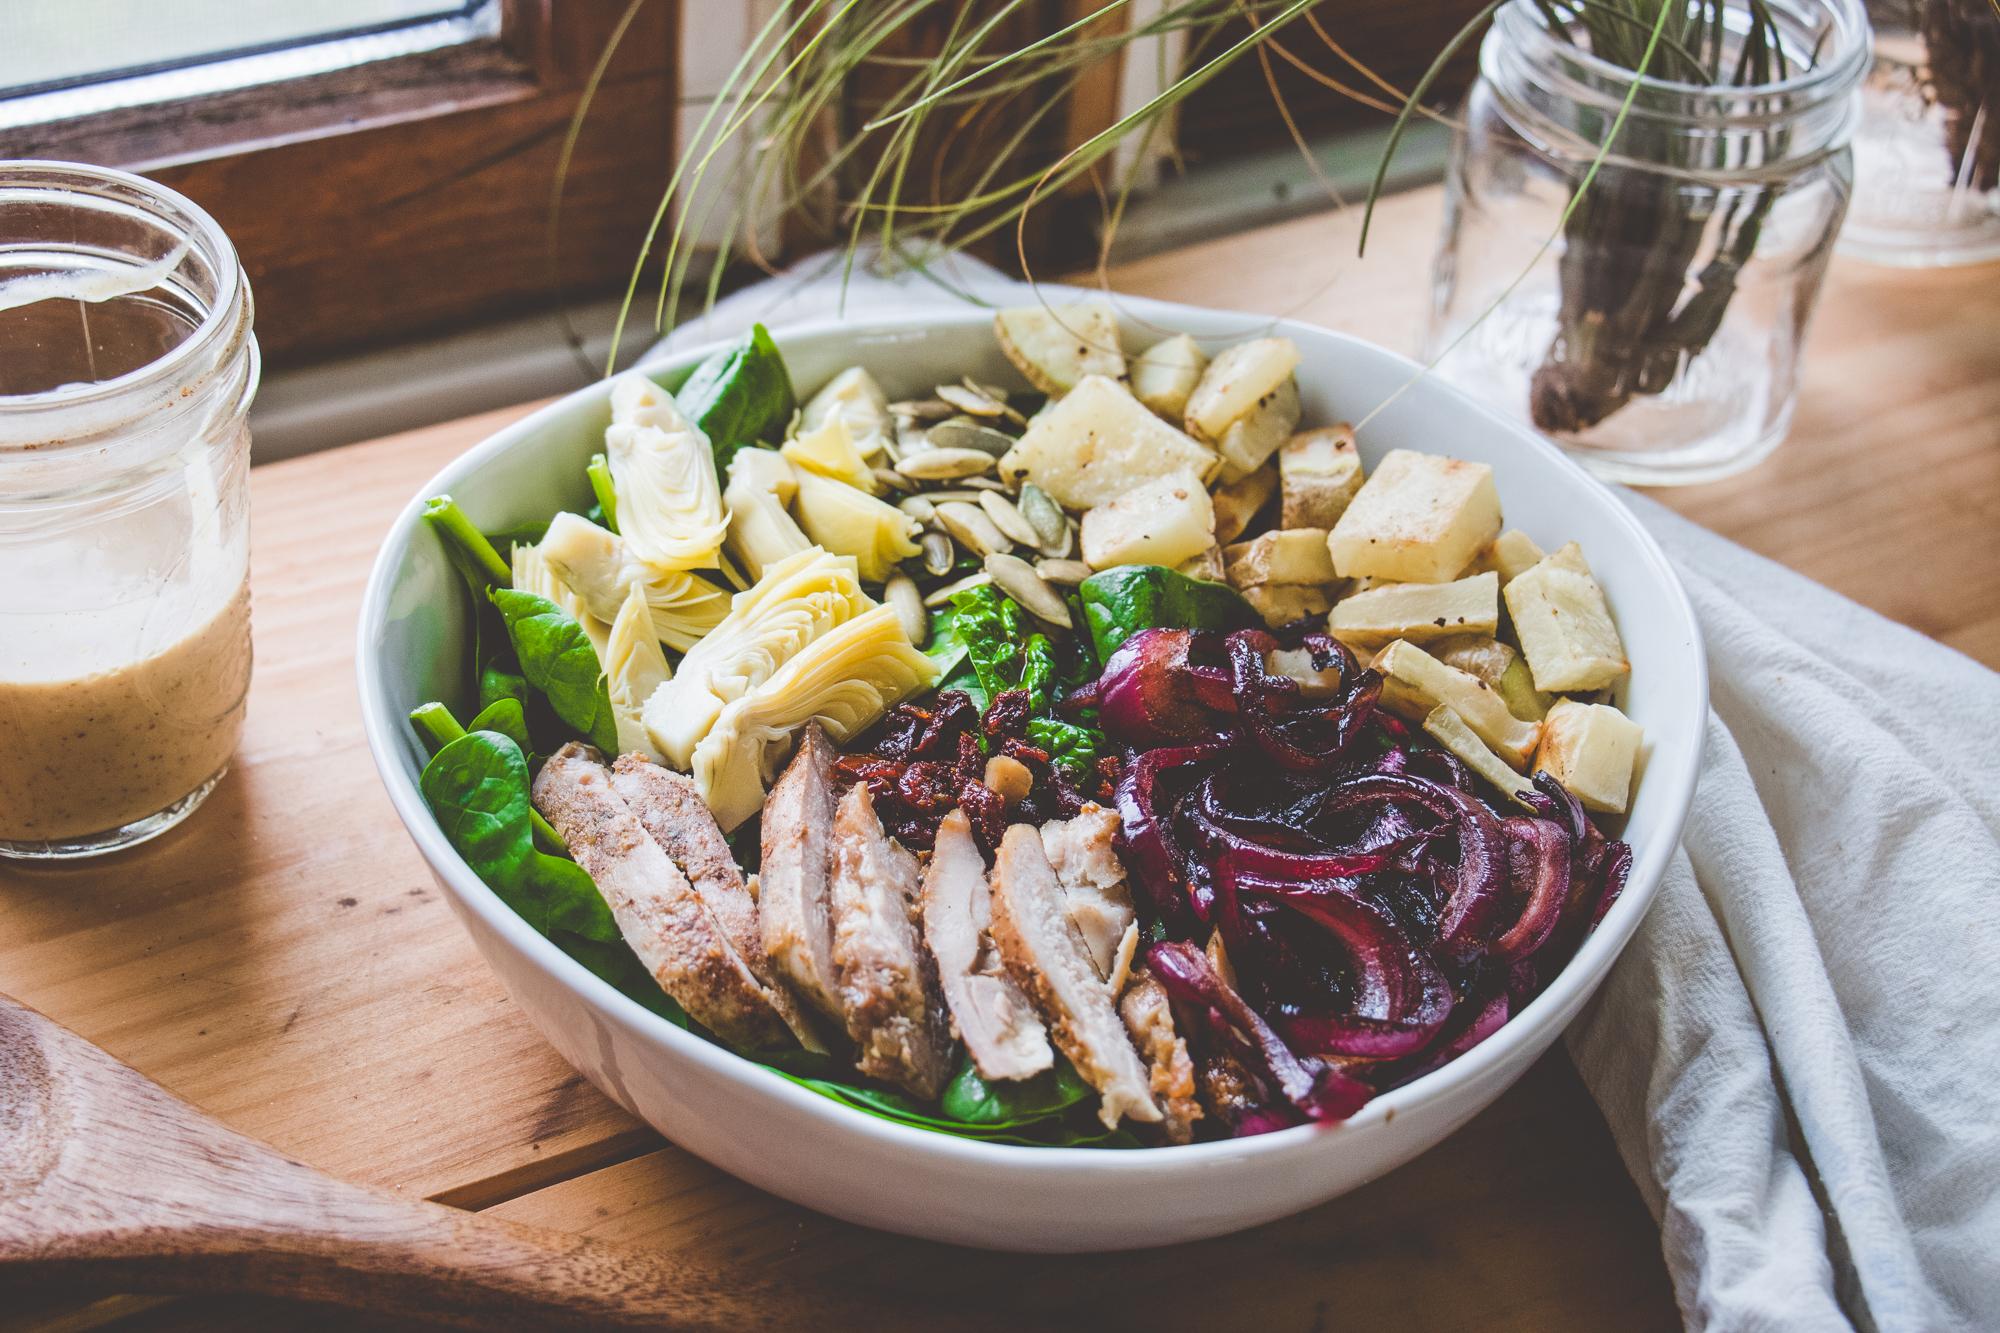 The Big Italian Salad